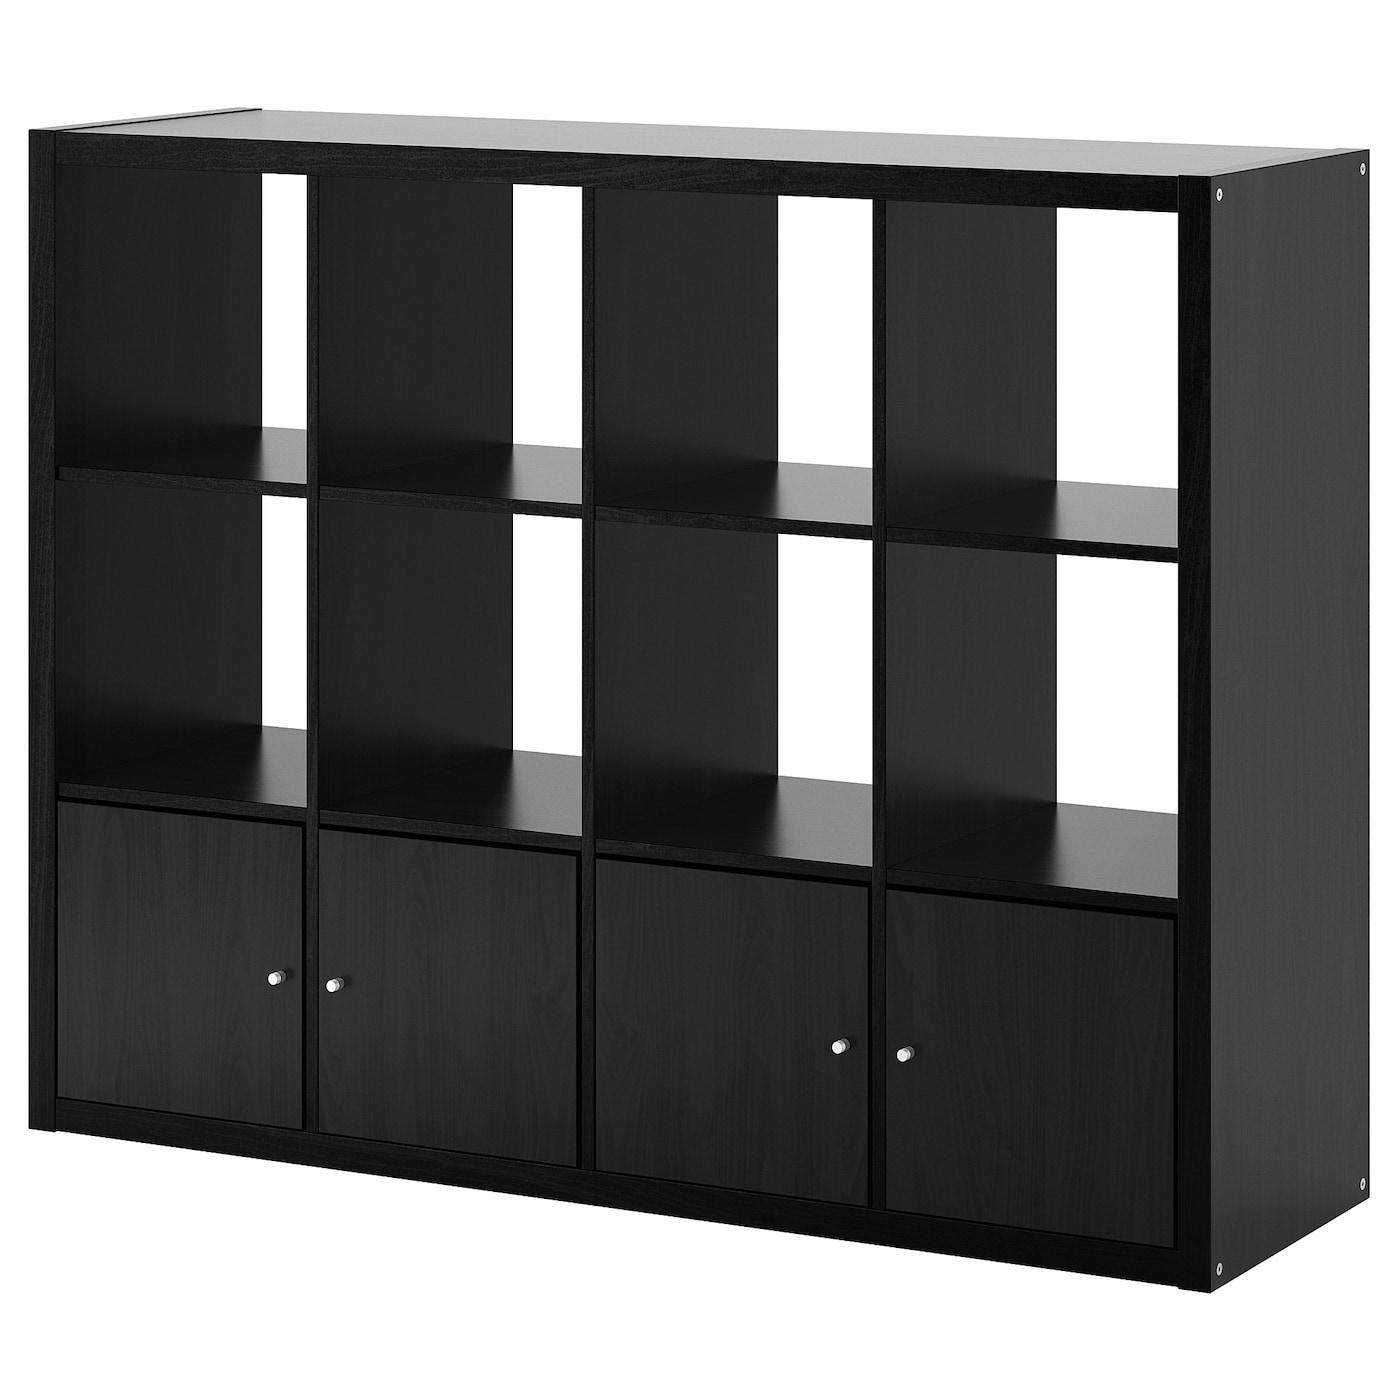 KALLAX Regal mit 4 Einsätzen schwarzbraun IKEA Österreich